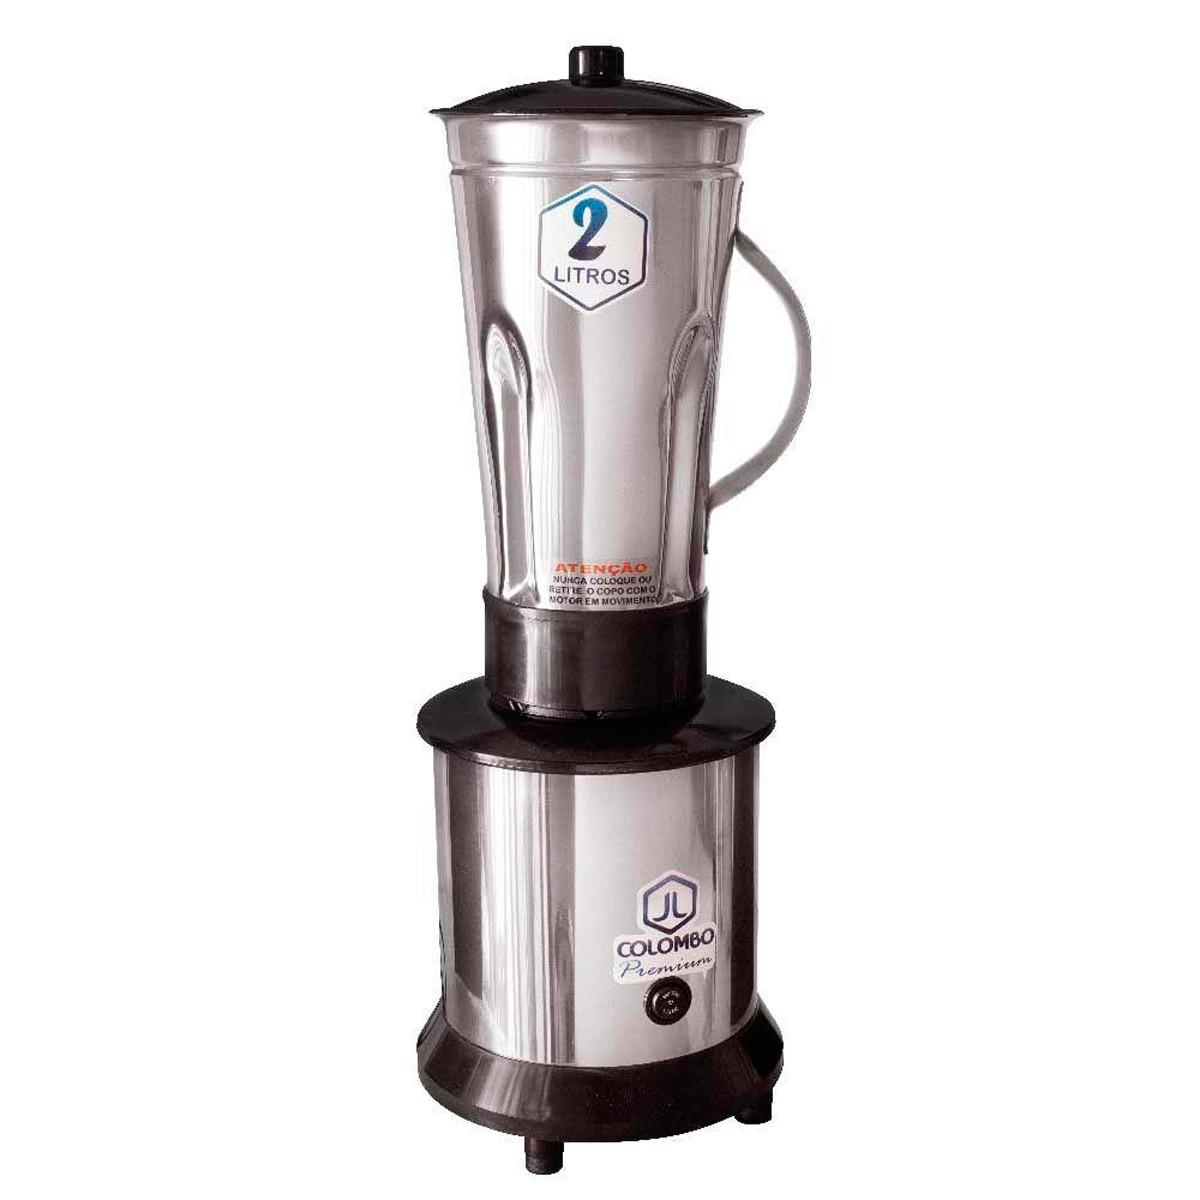 Liquidificador AR 2 litros JL Colombo